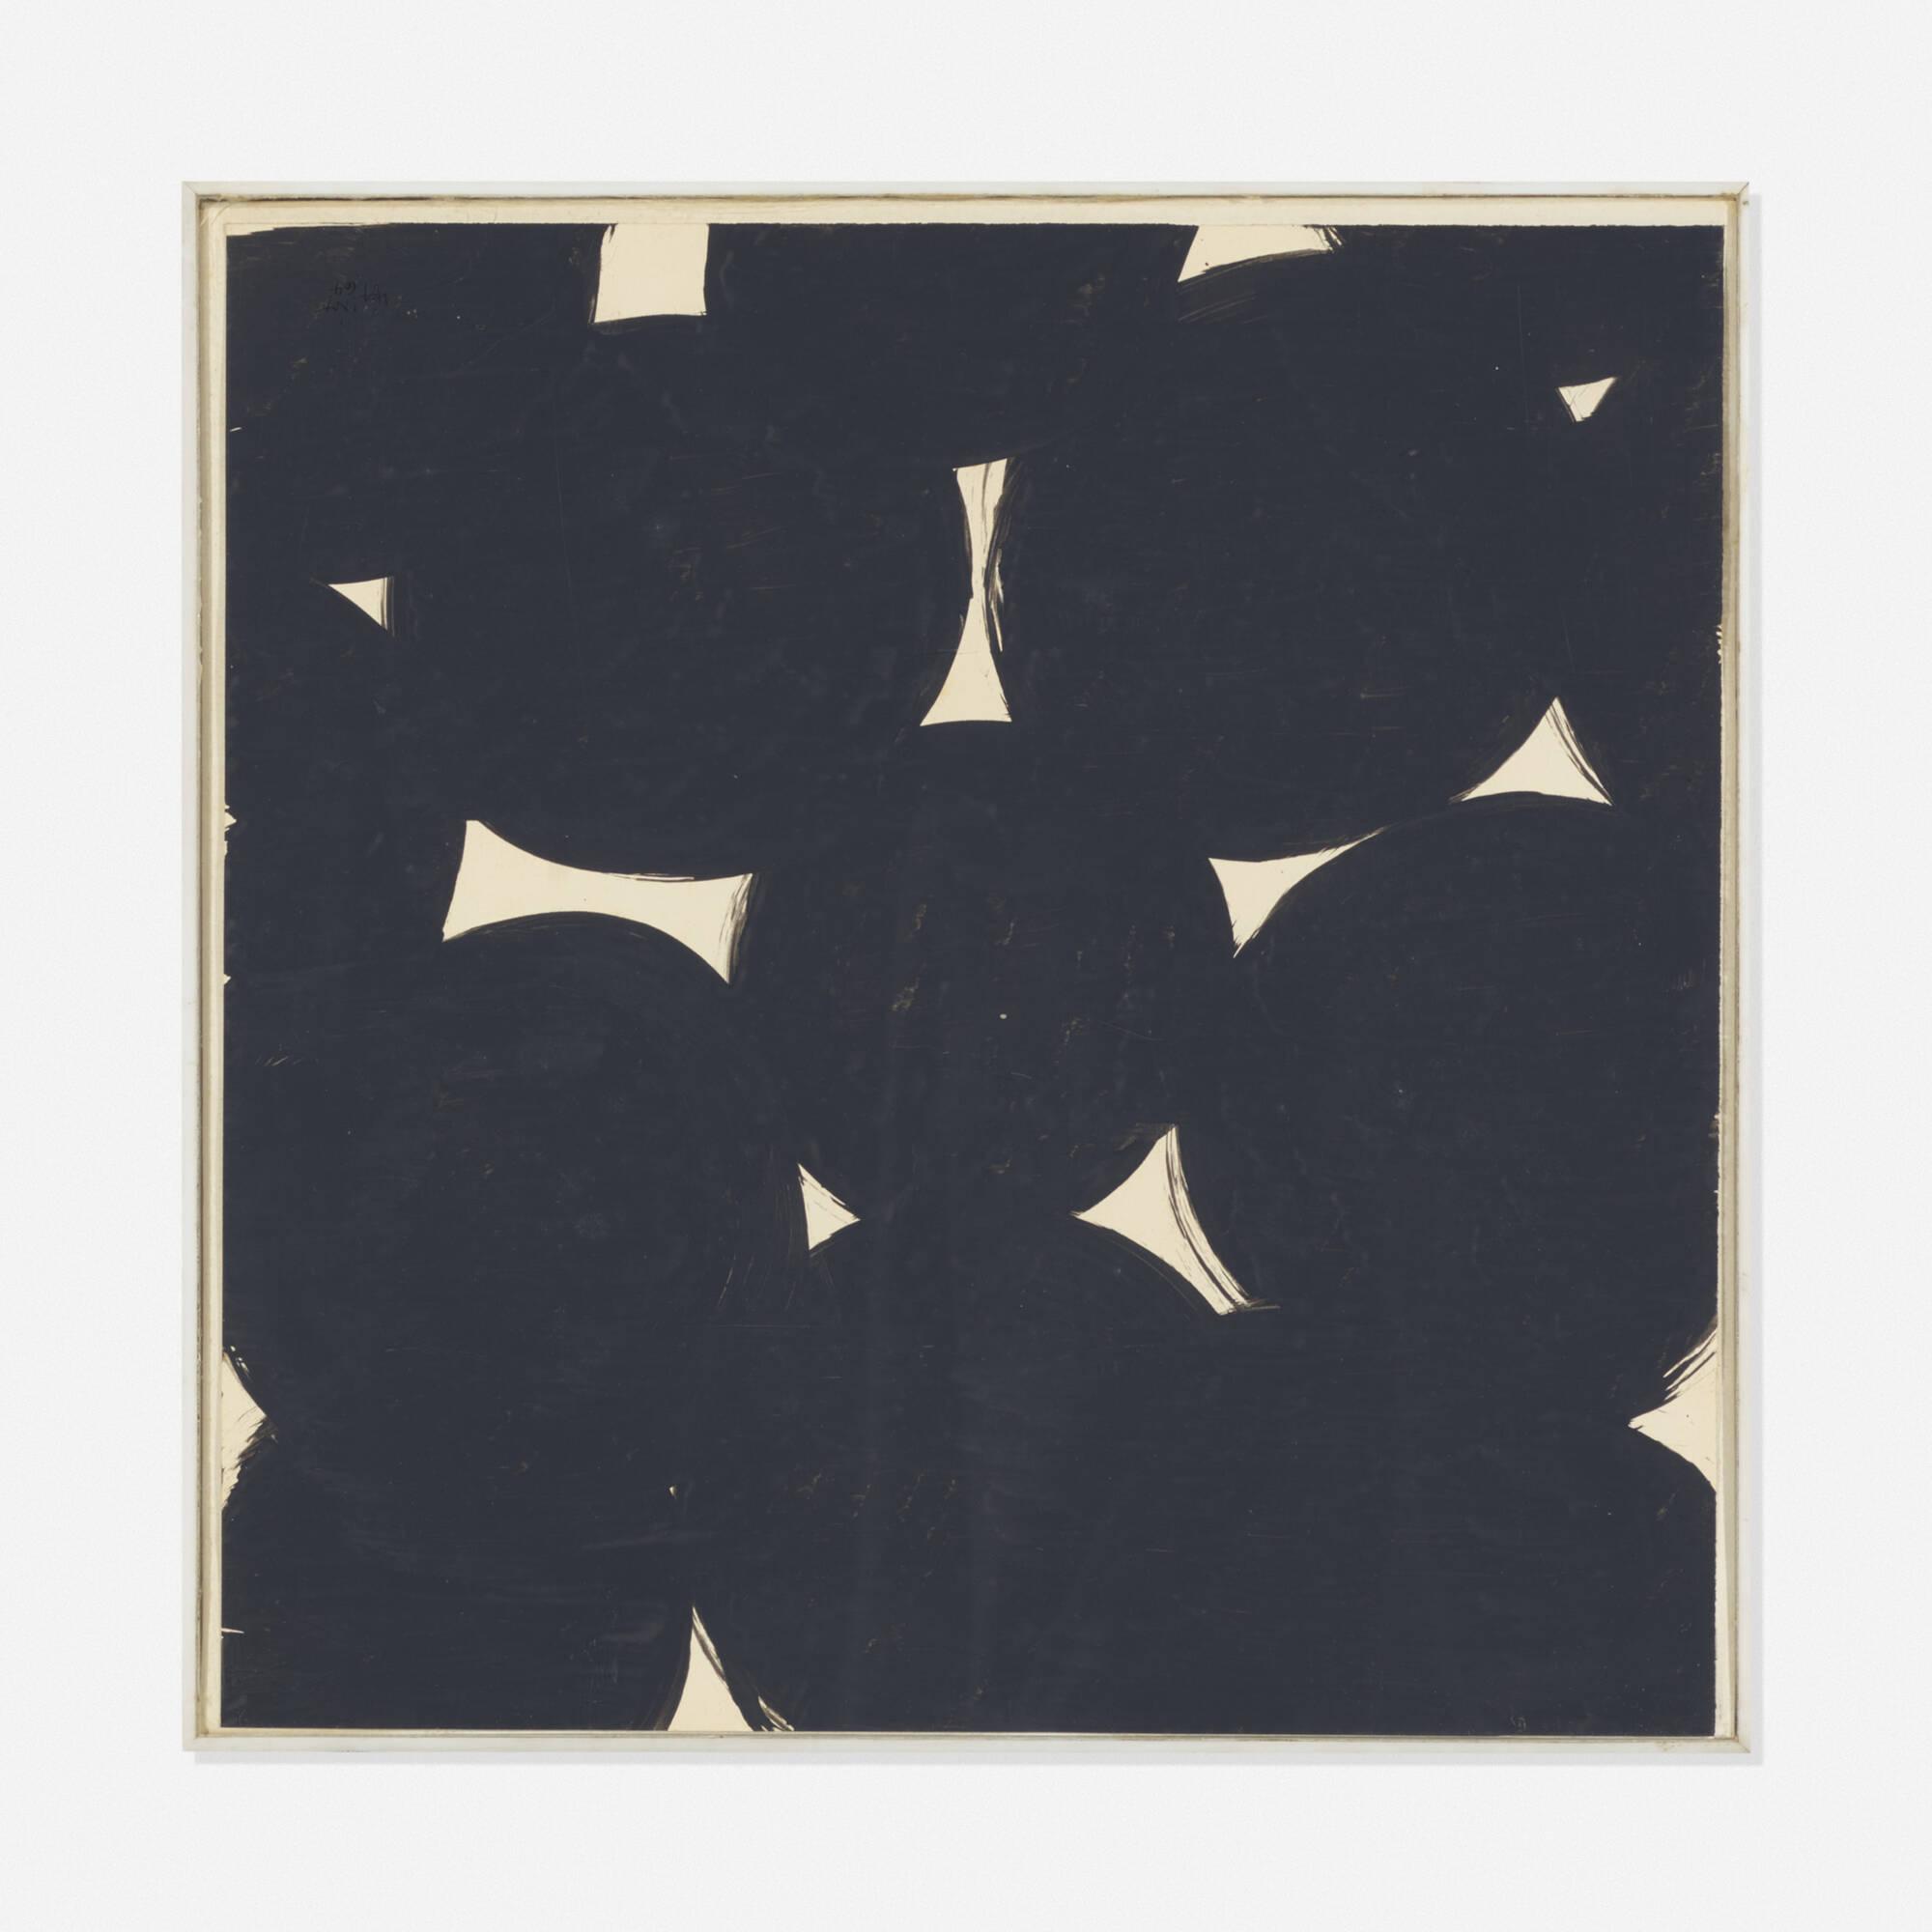 198: Ulfert Wilke / Untitled (1 of 1)